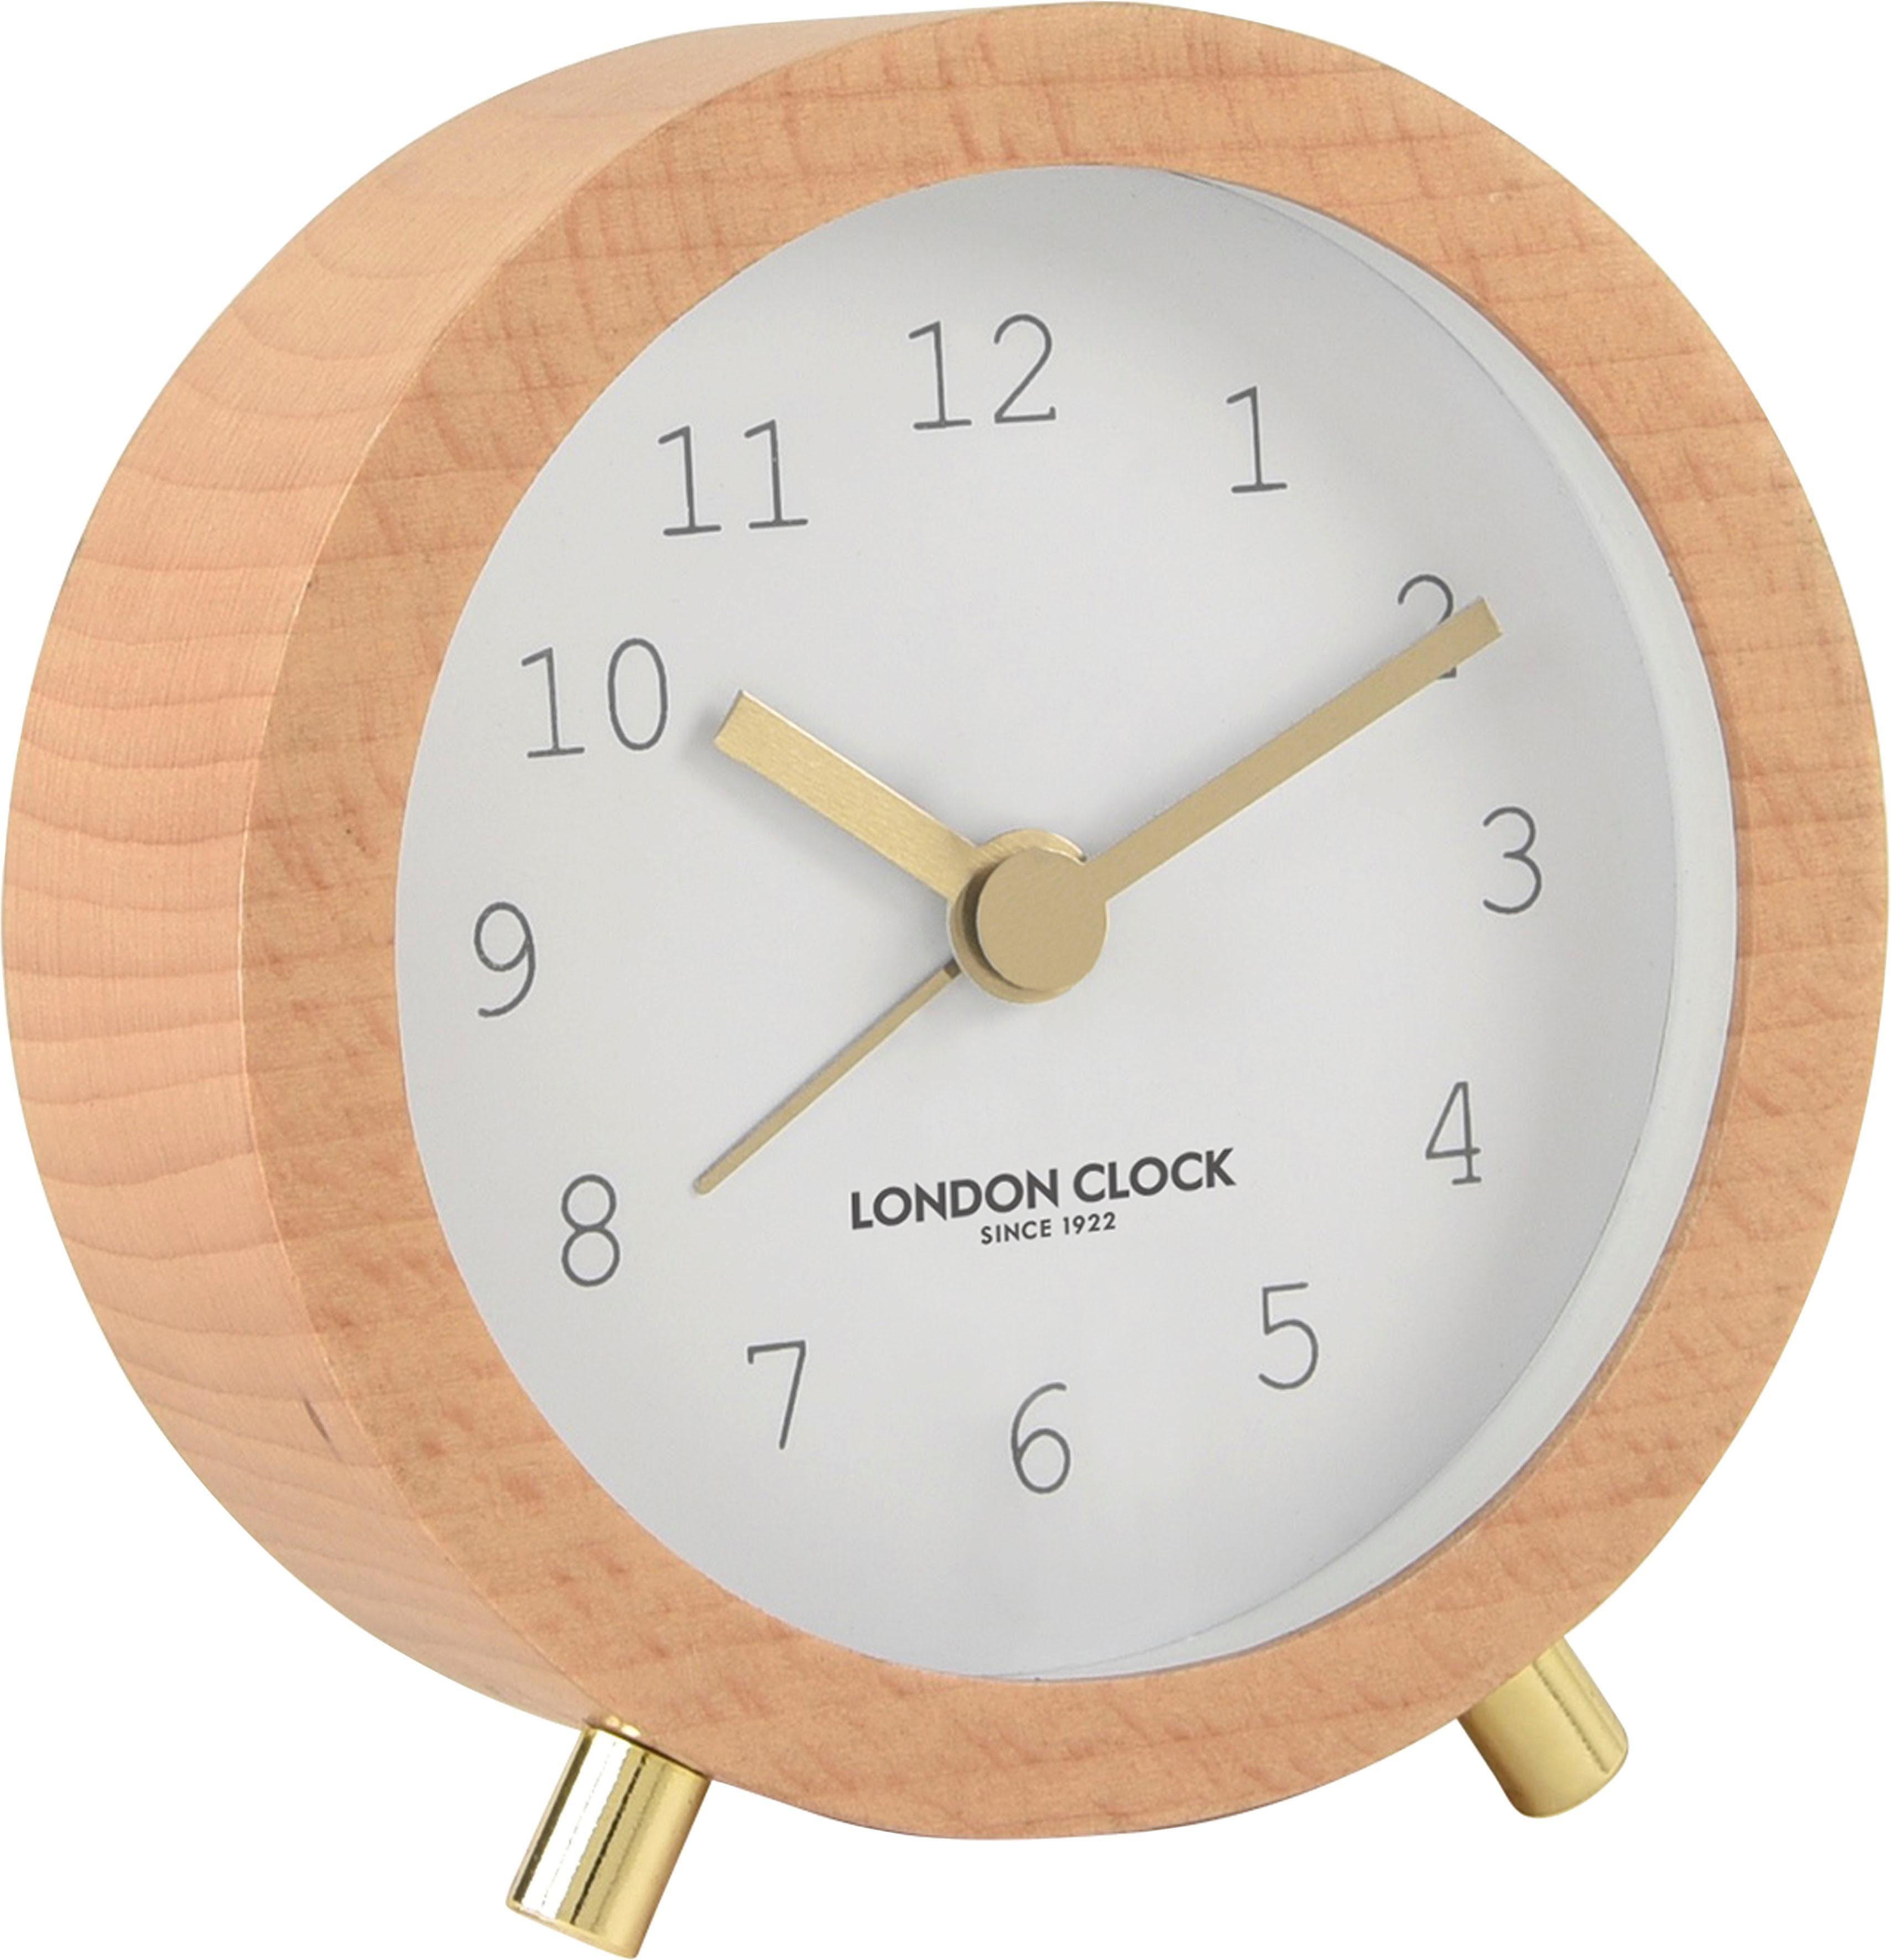 INOSIGN Tischuhr »»London Clock 1922«« aus Massivholz, Weckfunktion